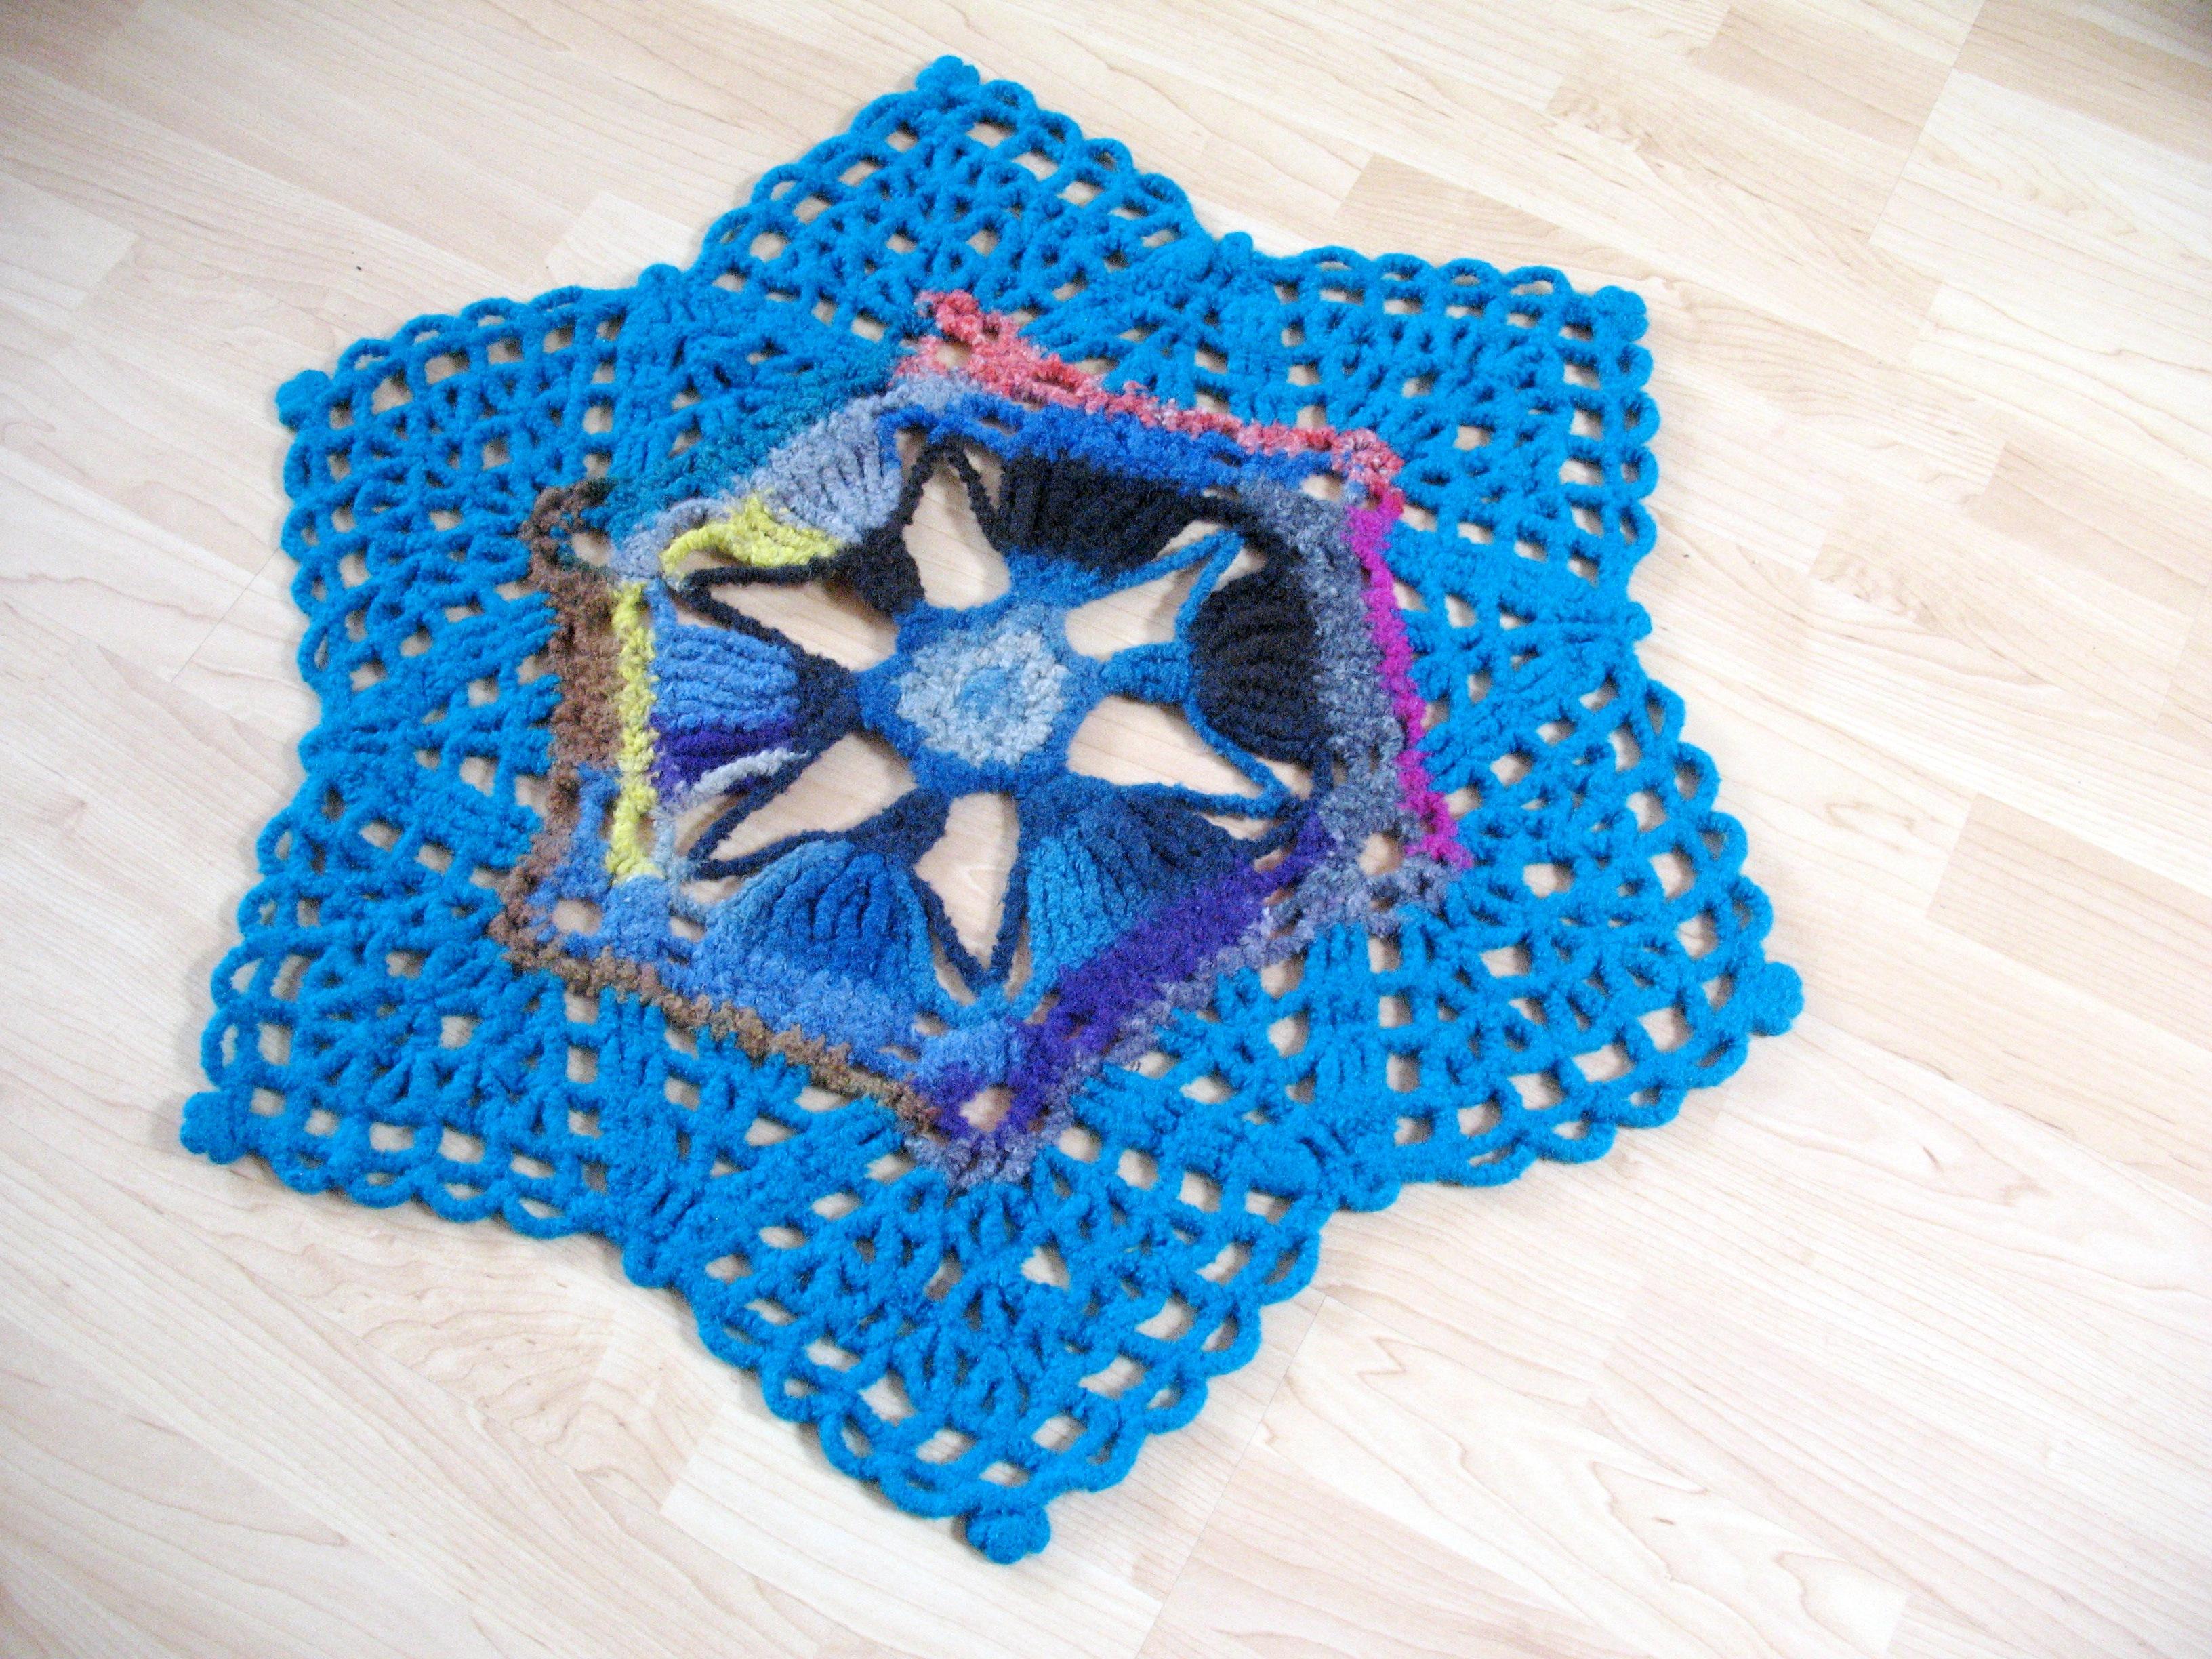 lacy felted rug das verfilzte spitzendeckchen teppich art. Black Bedroom Furniture Sets. Home Design Ideas